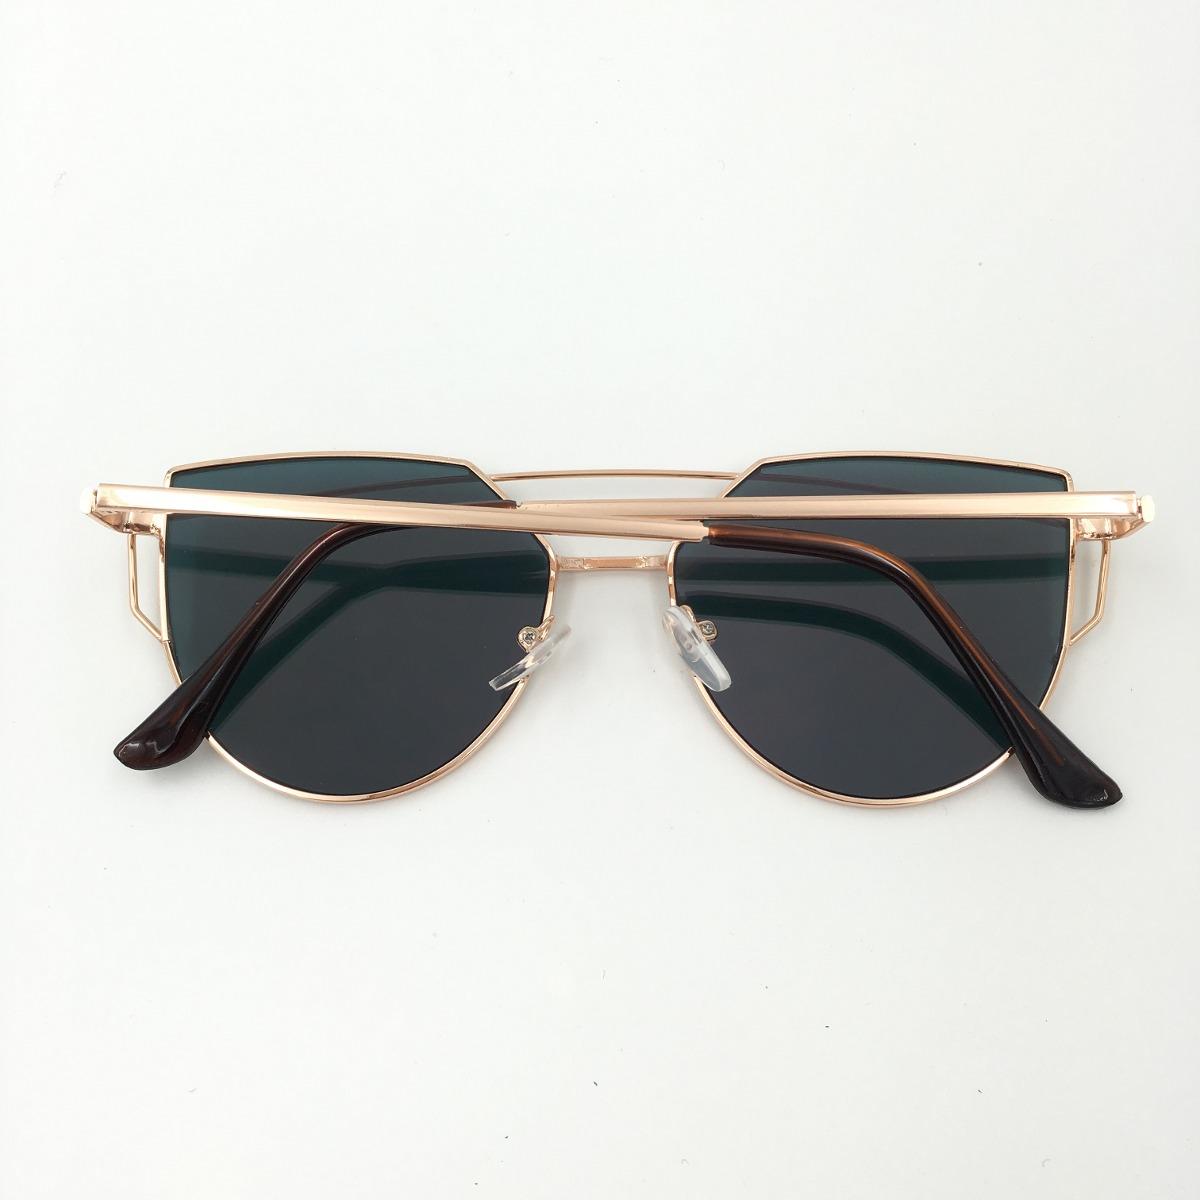 a076ac603edb5 óculos espelhado feminino olho de gato gatinho metal redondo. Carregando  zoom.